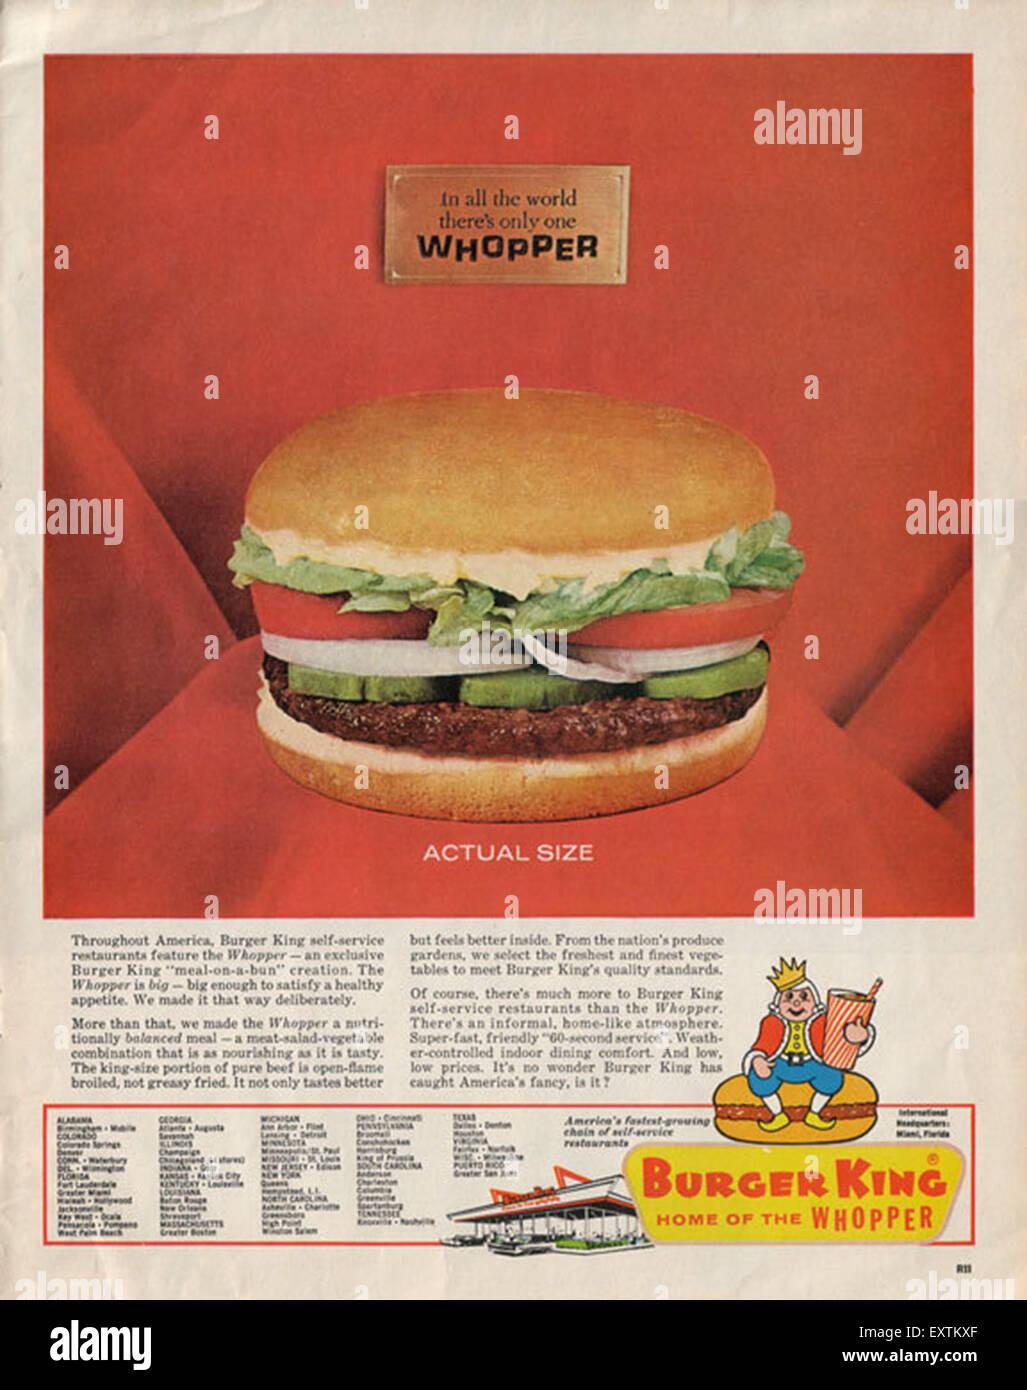 1960s USA Burger King Magazine Advert - Stock Image